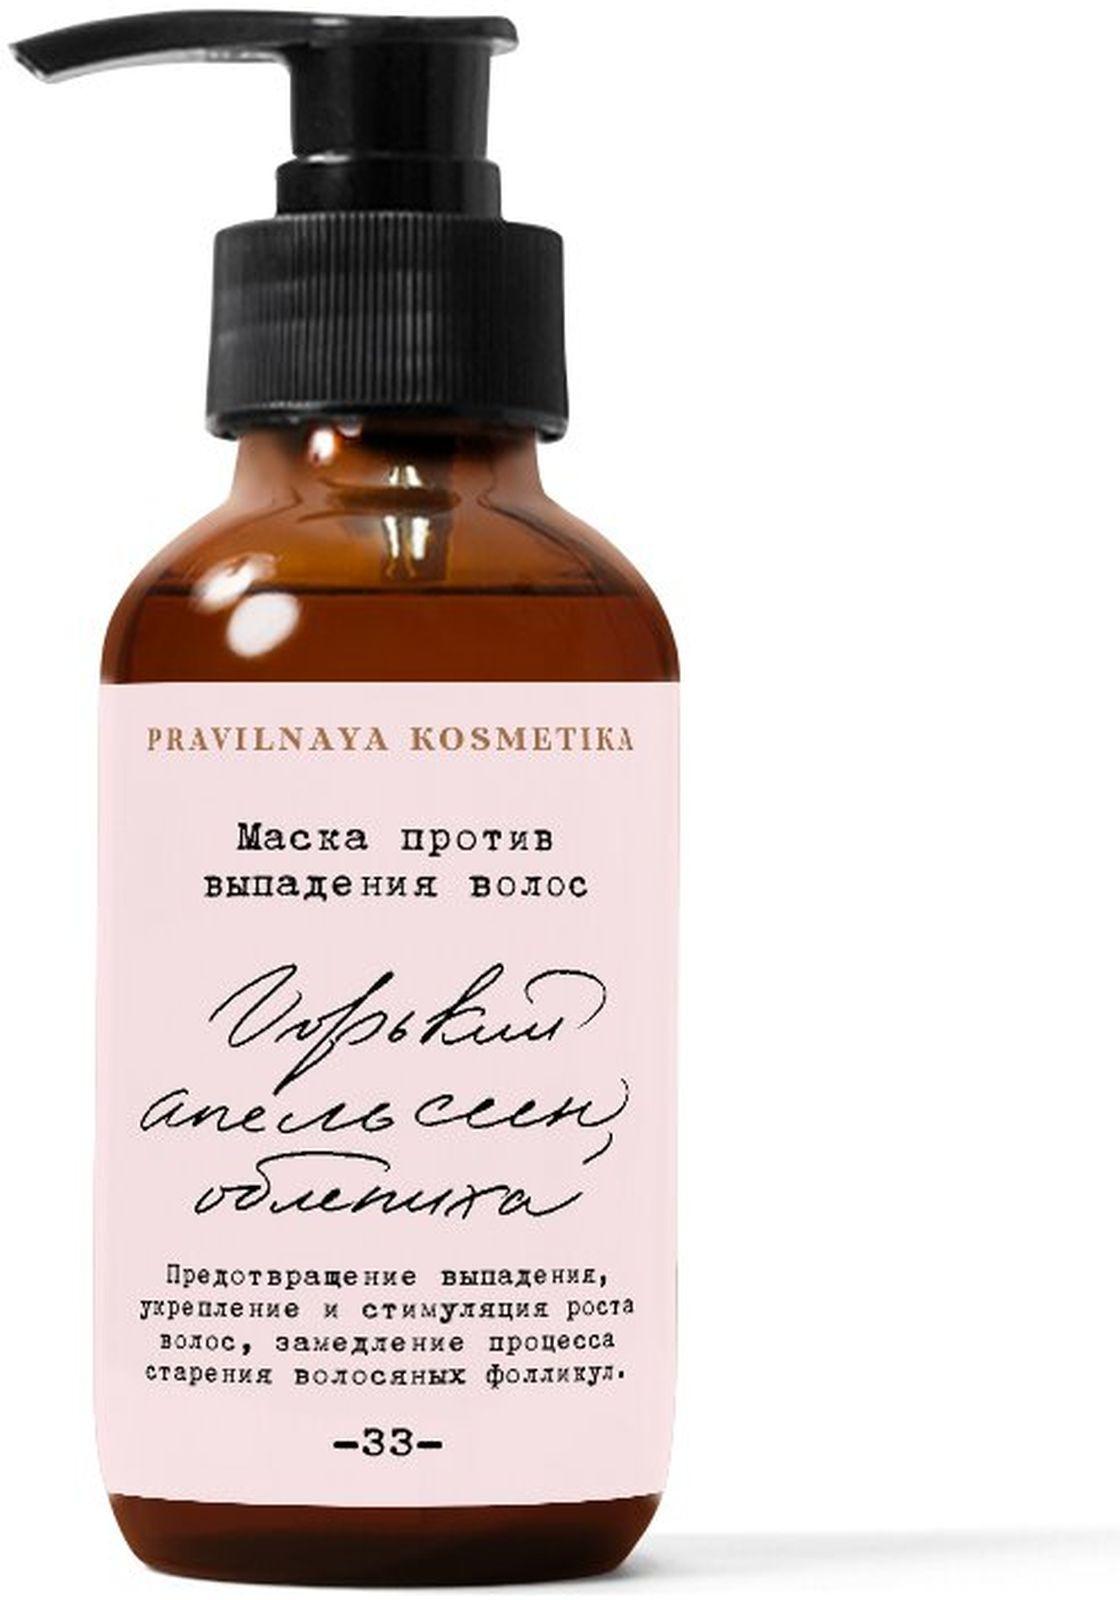 Маска против выпадения волос Pravilnaya Kosmetika Горький Апельсин & Облепиха, 100 мл косметика маска